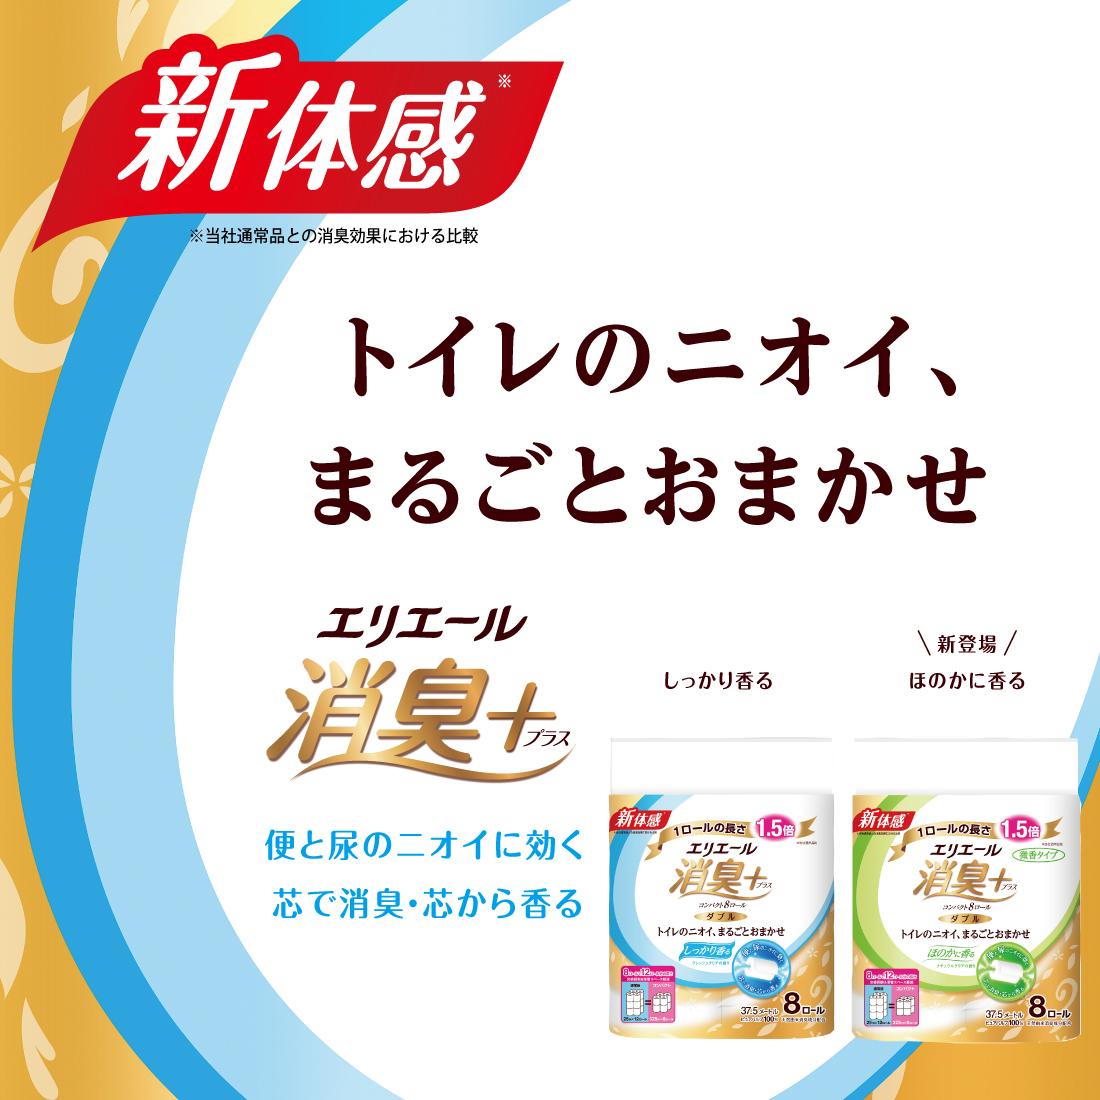 エリエール 消臭+トイレットティシュー しっかり香る フレッシュクリアの香りコンパクト8ロール(ダブル)